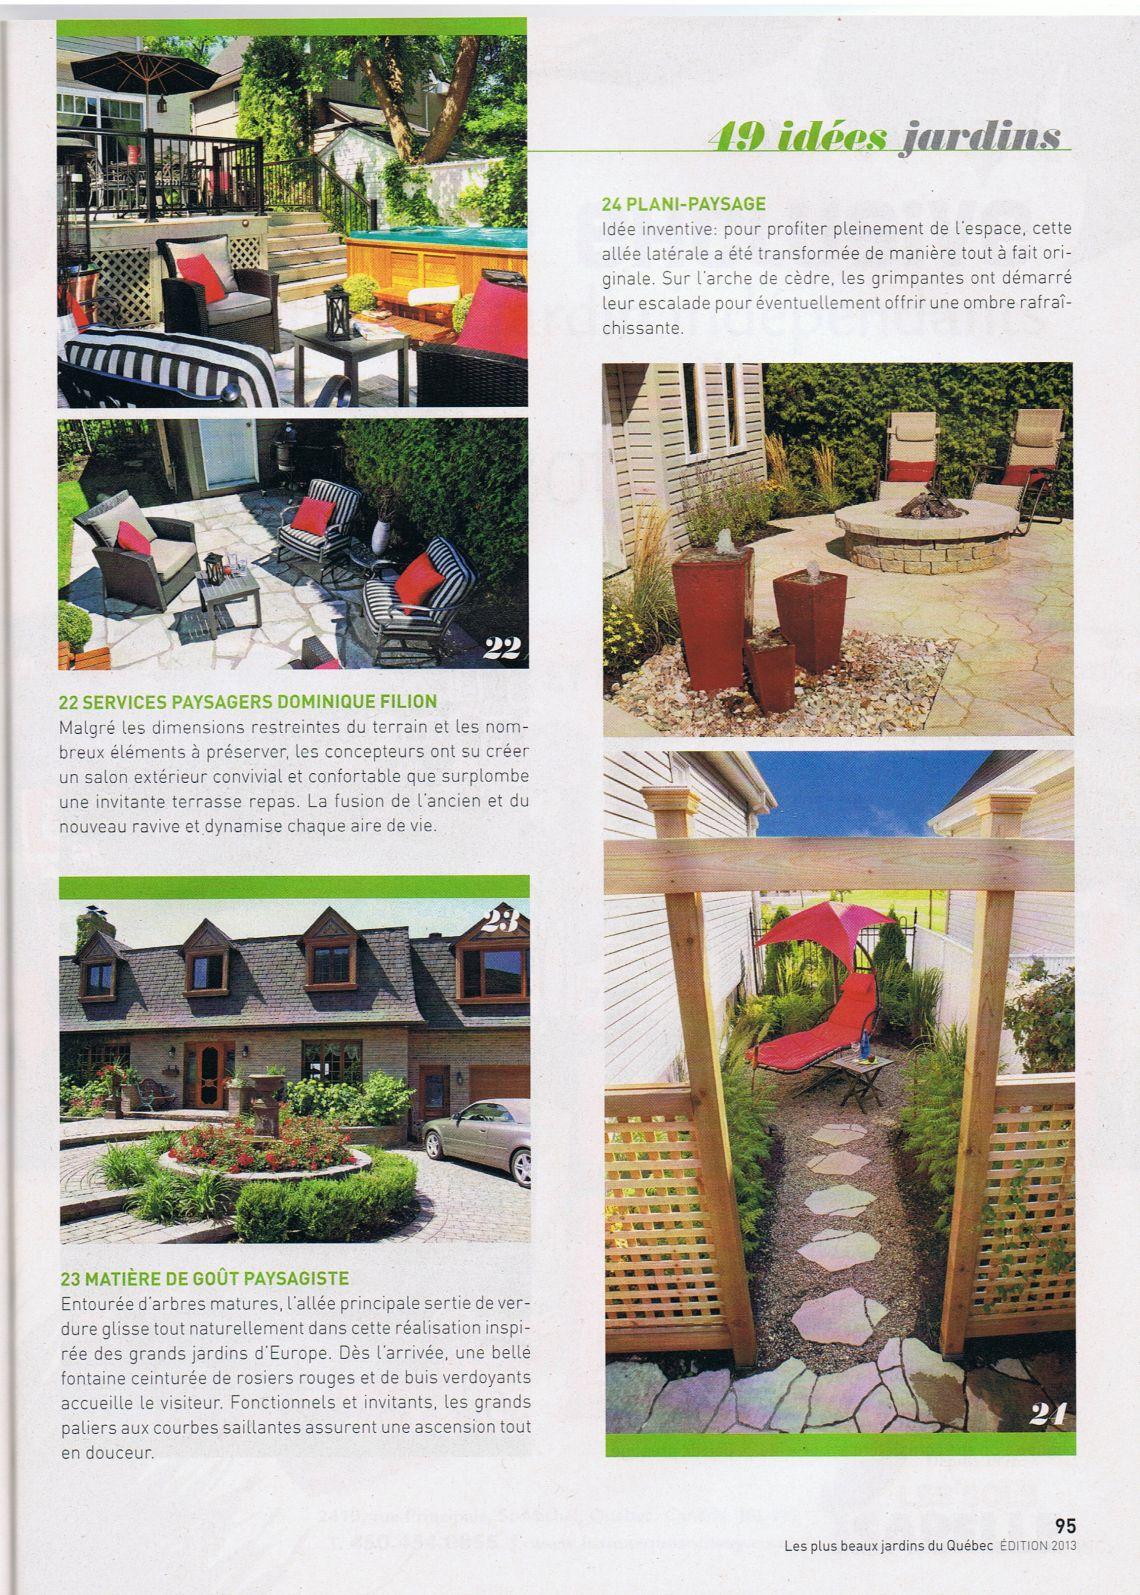 8d Les plus beaux jardins 2013 p95